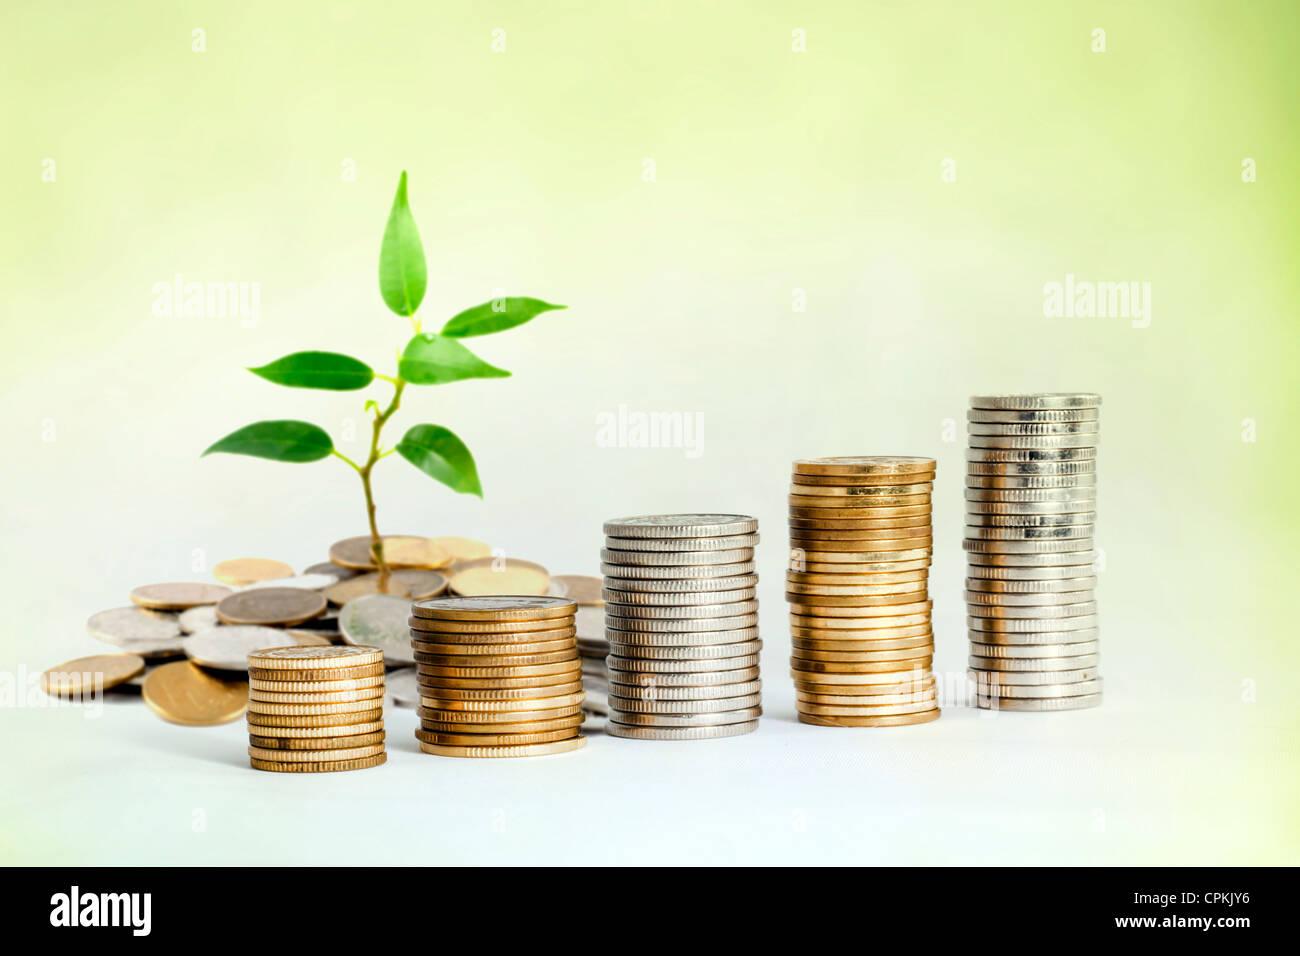 Incrementar la inversión ahorrando dinero concepto con planta y monedas Imagen De Stock